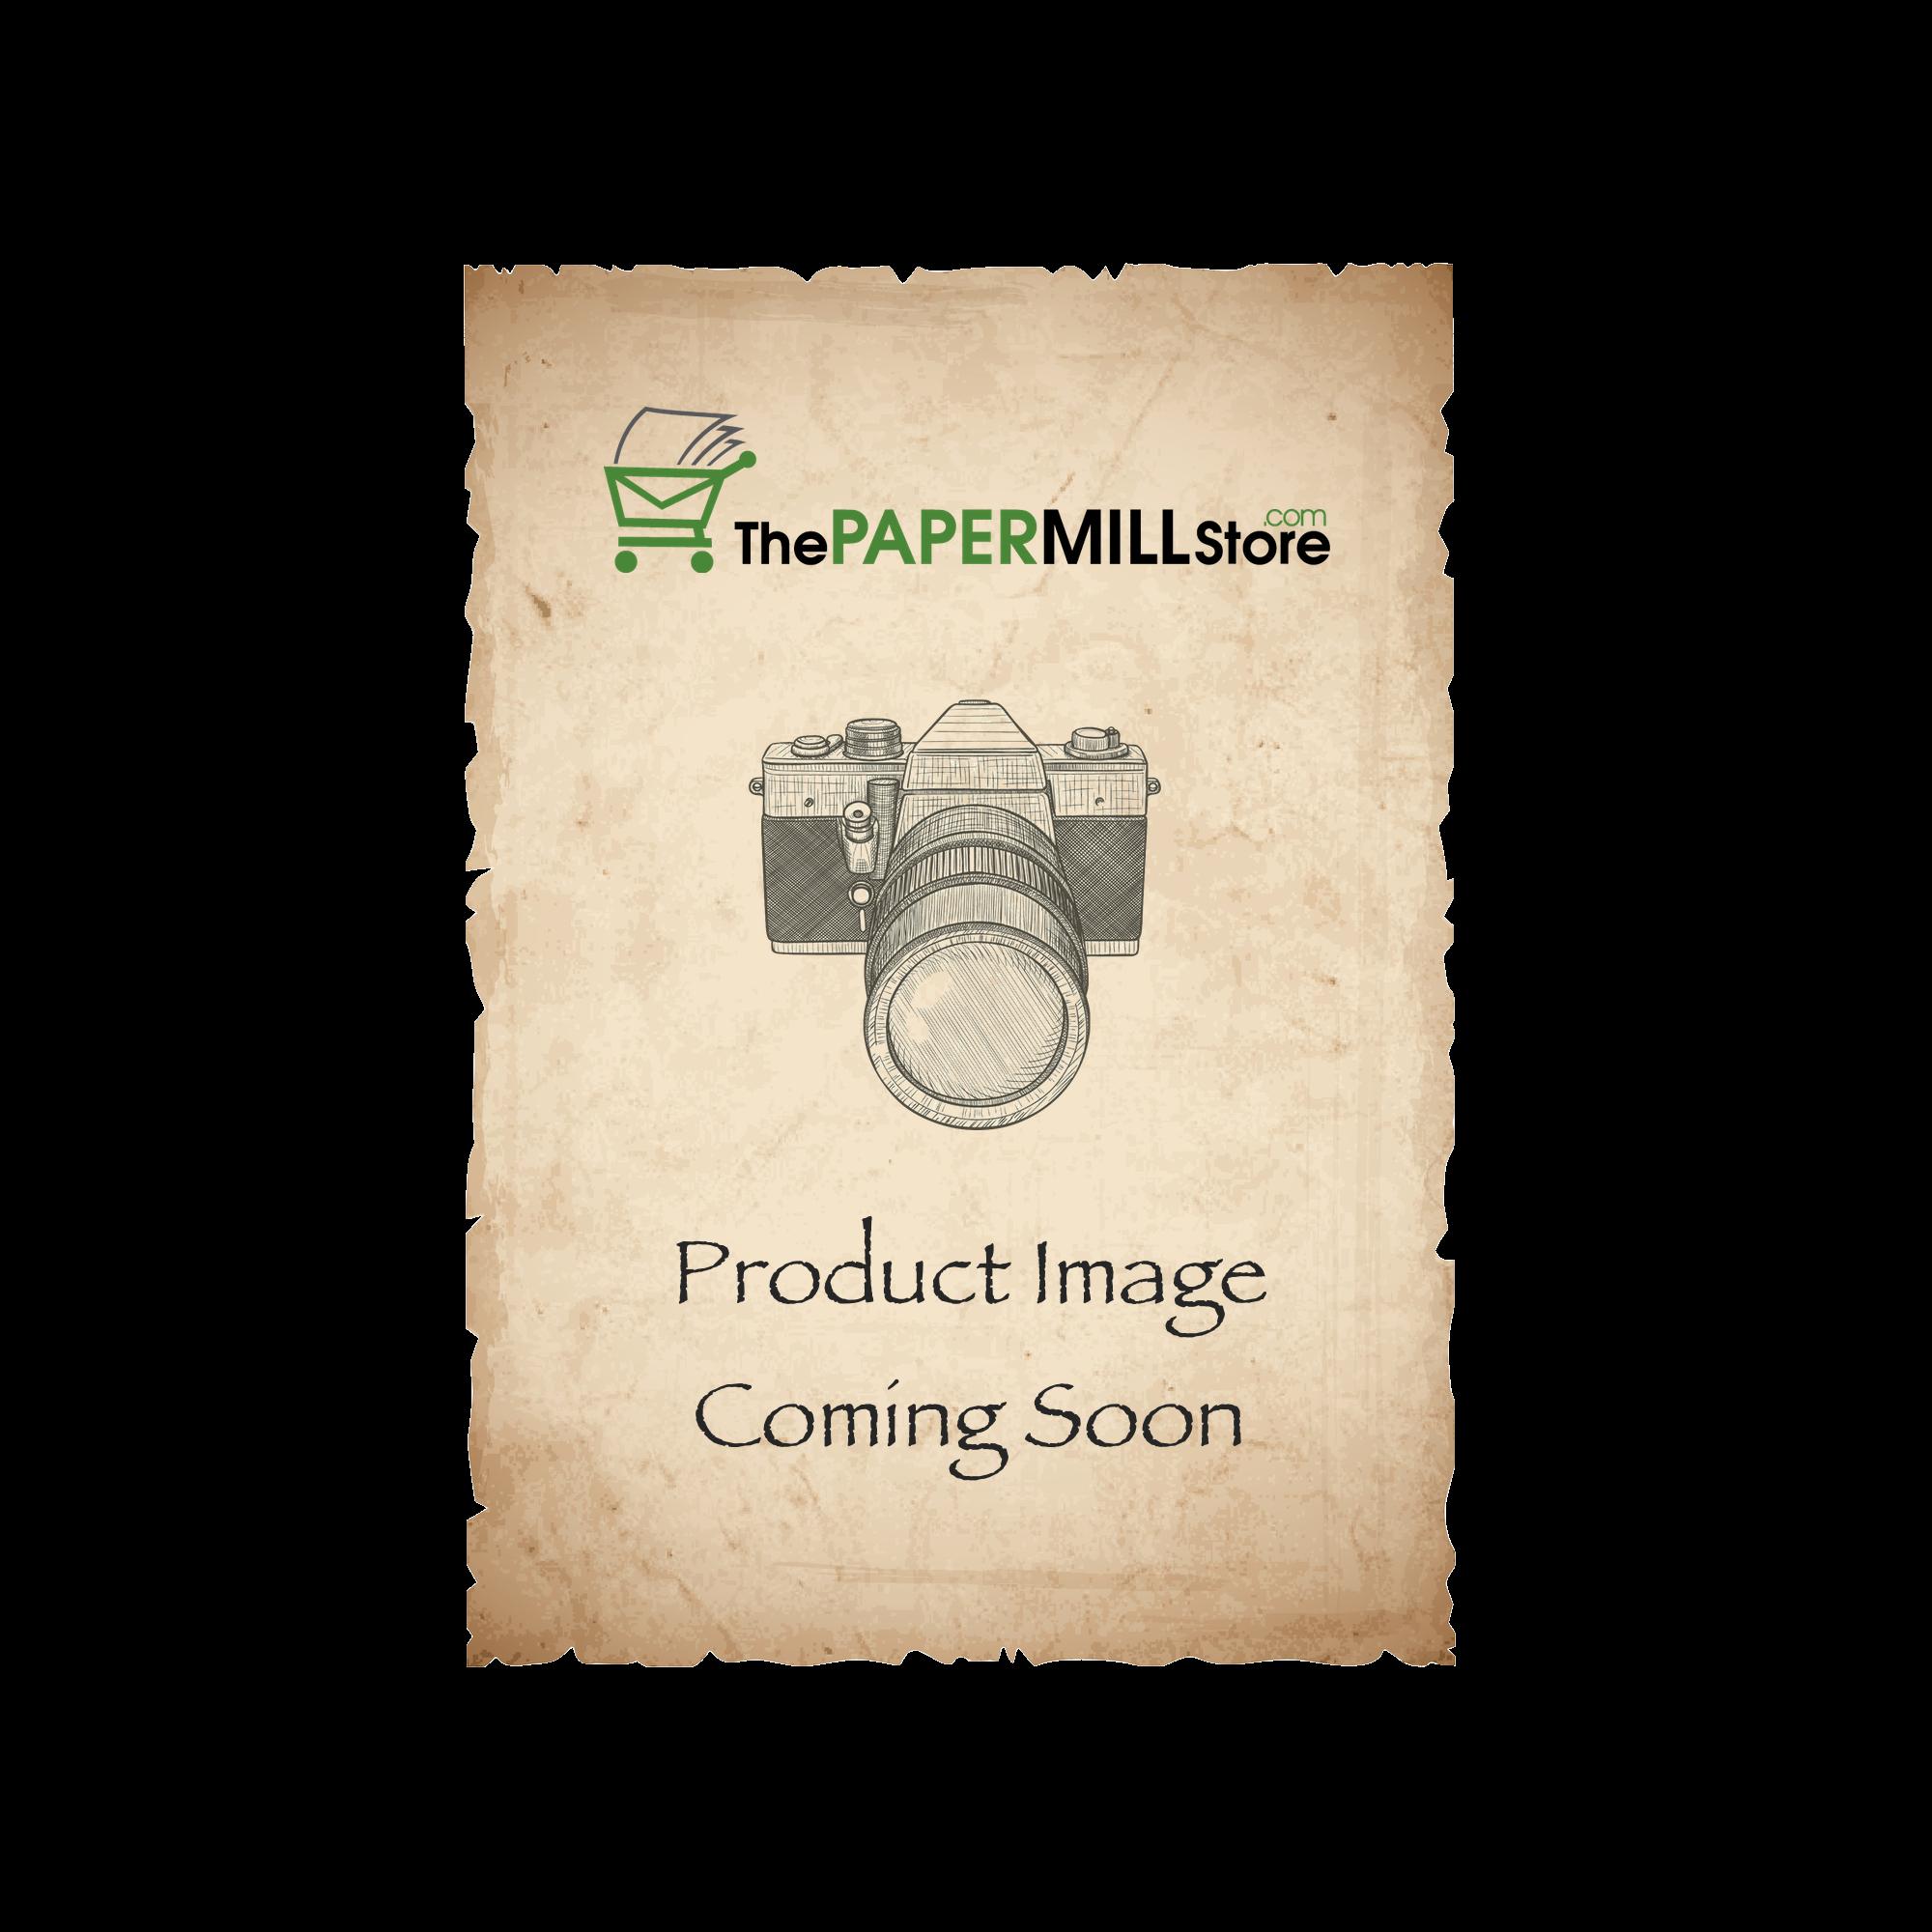 Loop Antique Vellum Milkweed Paper - 26 x 40 in 110 lb Cover DT Antique Vellum  100% Recycled 250 per Carton